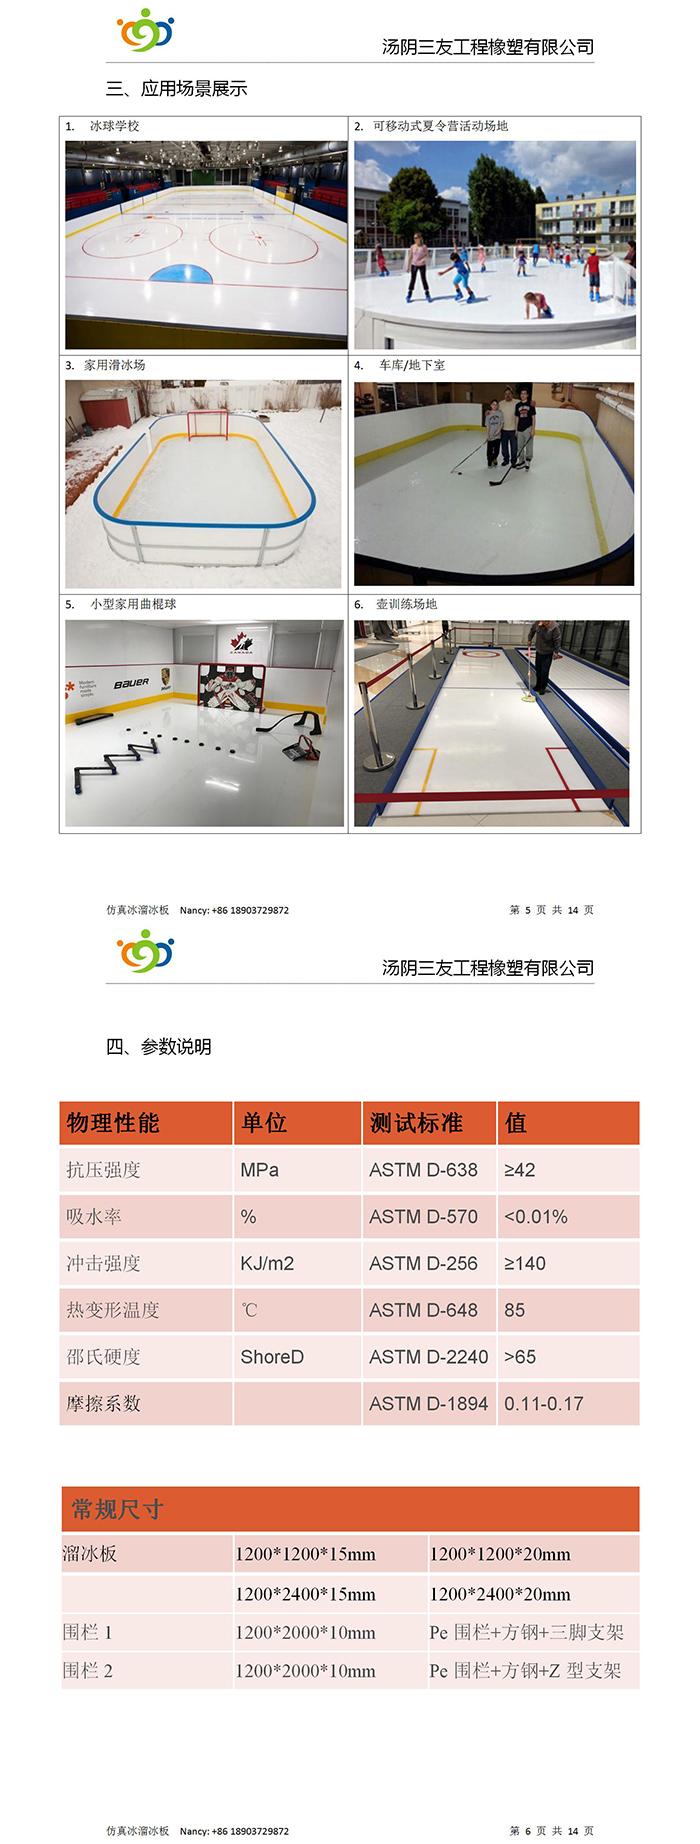 溜冰板详情-李路路20190126_03